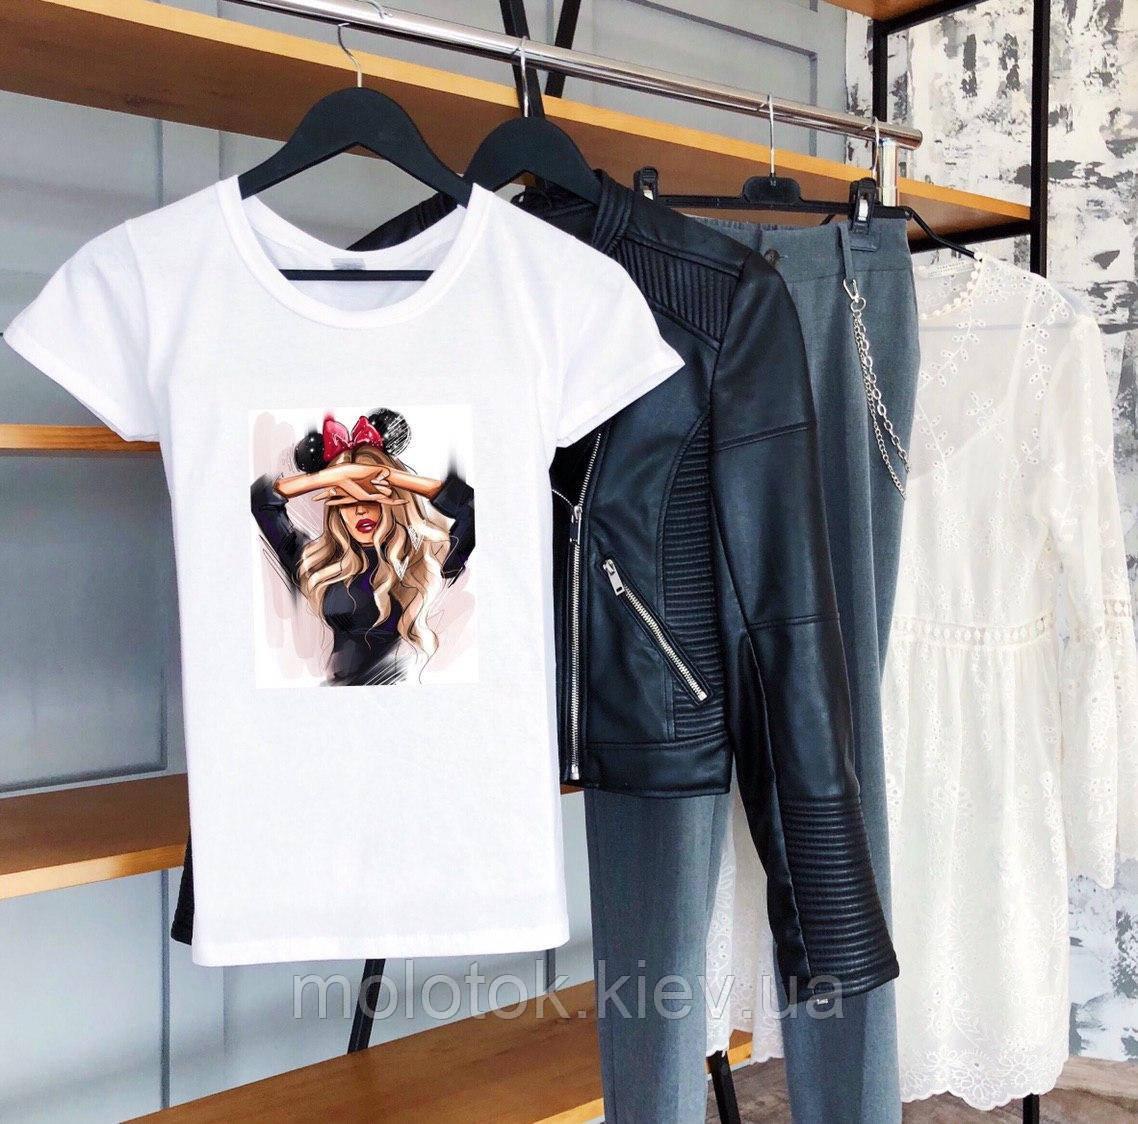 Женская футболка летняя белая рисунок качественная шелкография